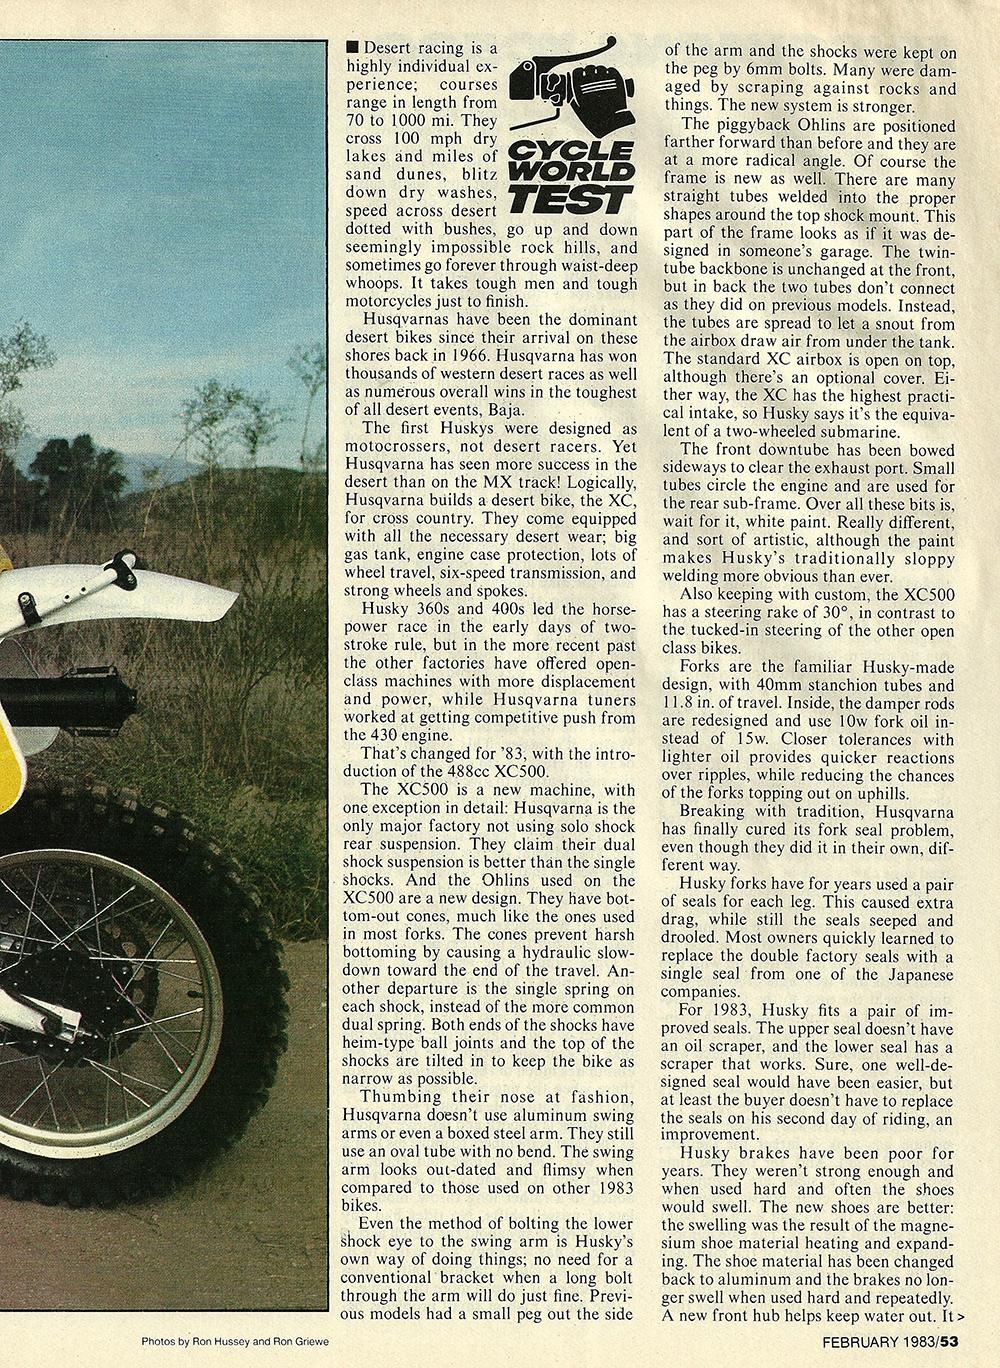 1983 Husqvarna XC500 road test 02.jpg